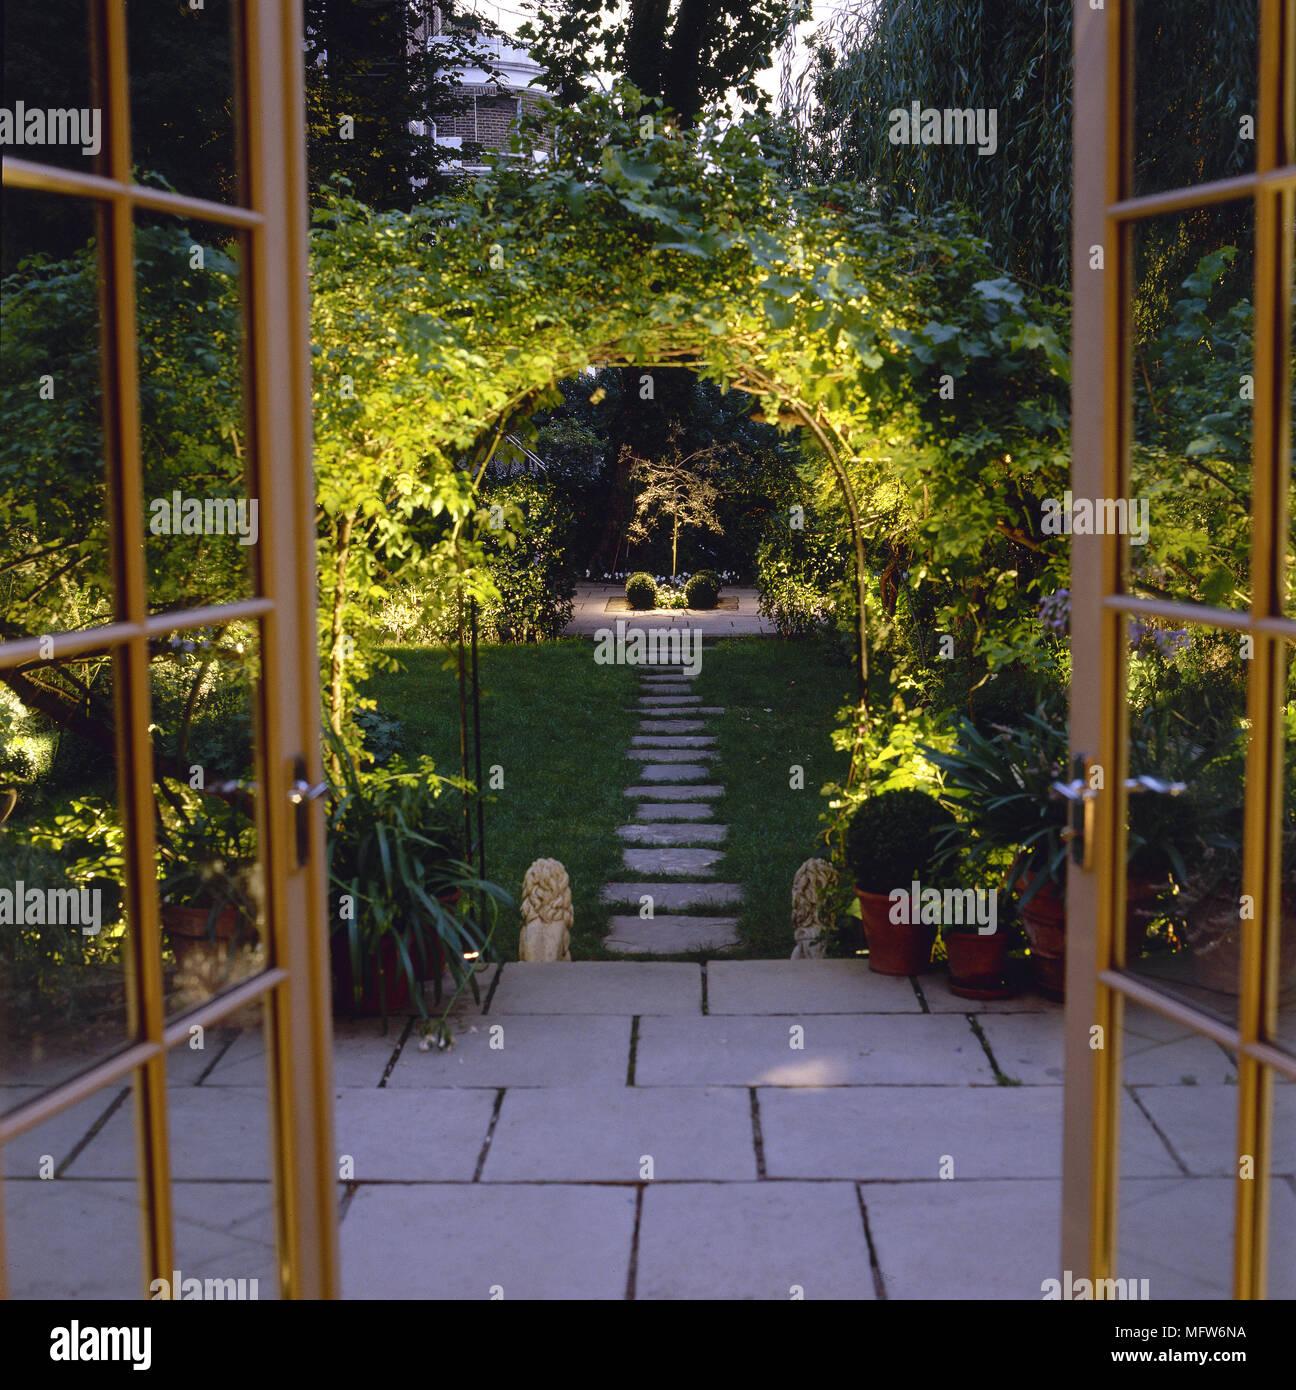 Patio Doors Garden Stock Photos Amp Patio Doors Garden Stock